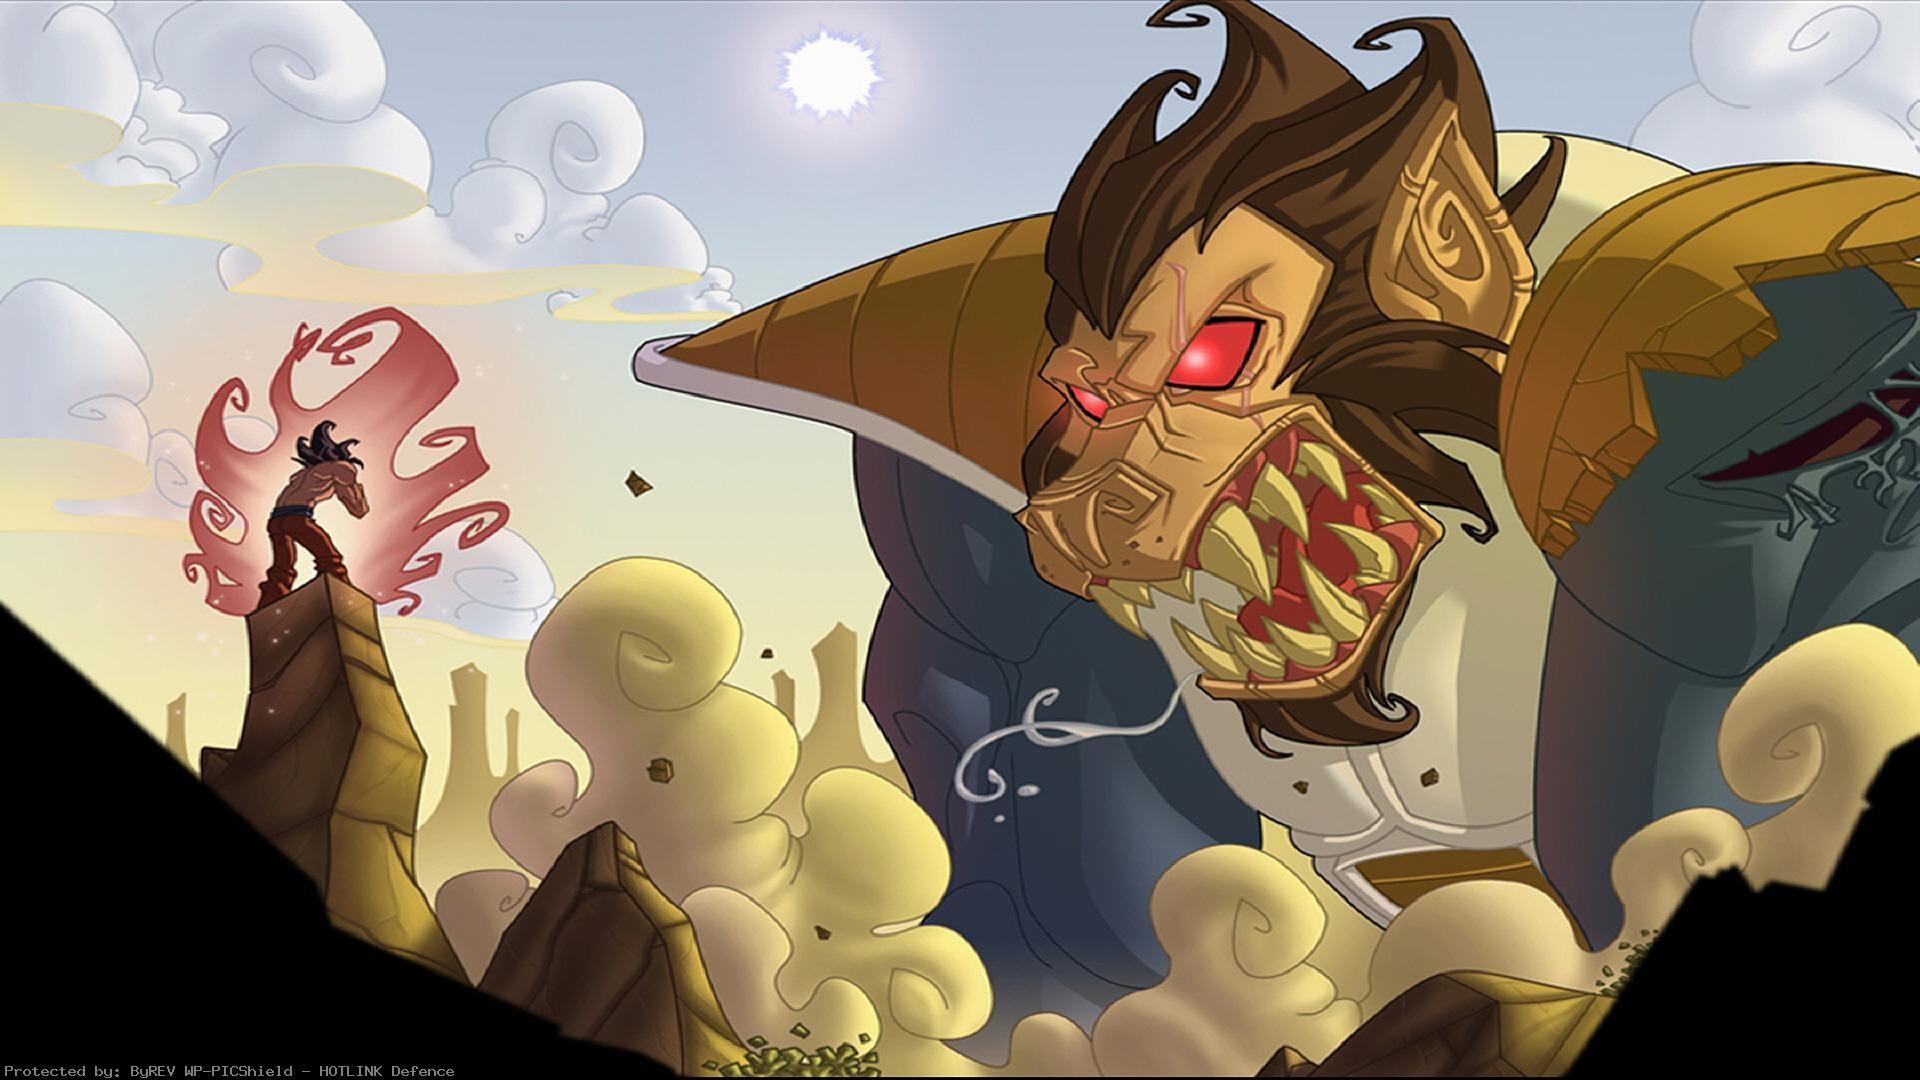 Best-Goku-hd-for-PC-Dragon-Ball-Z-